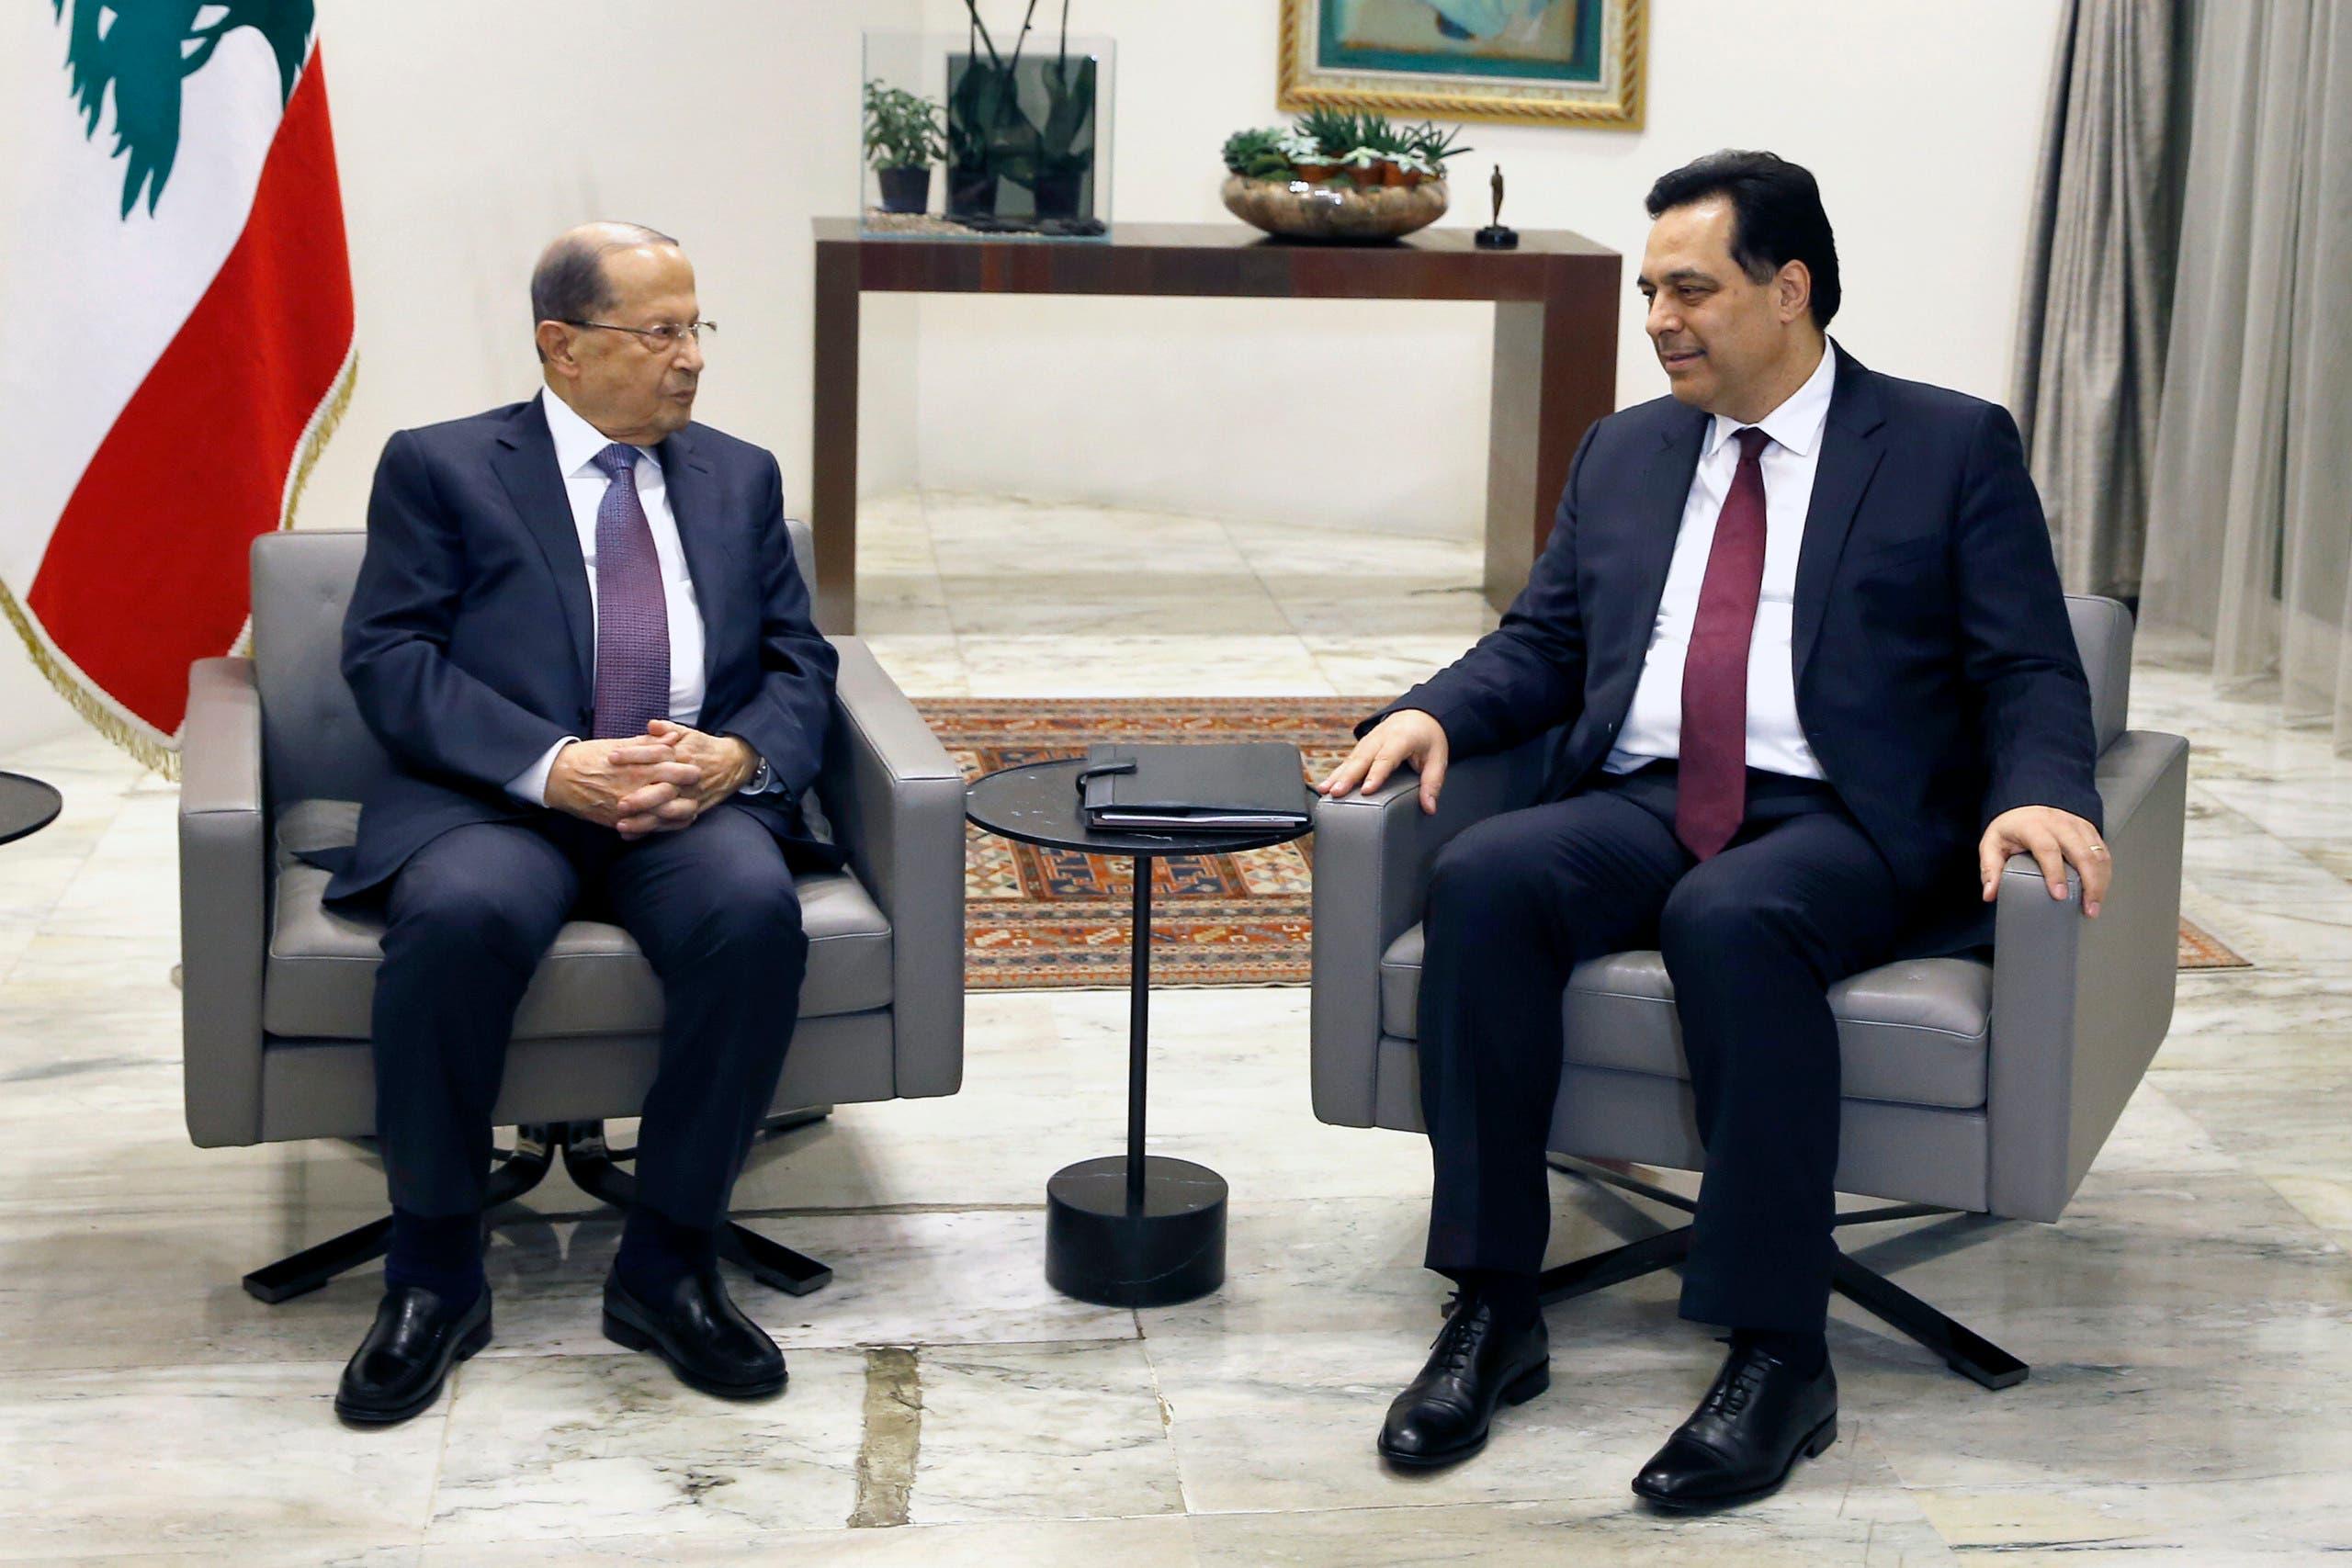 الحكومة اللبنانية الجديدة ٢٠٢٠ 35ec15f5-bc15-4dbc-bb03-9e49f68a95ef